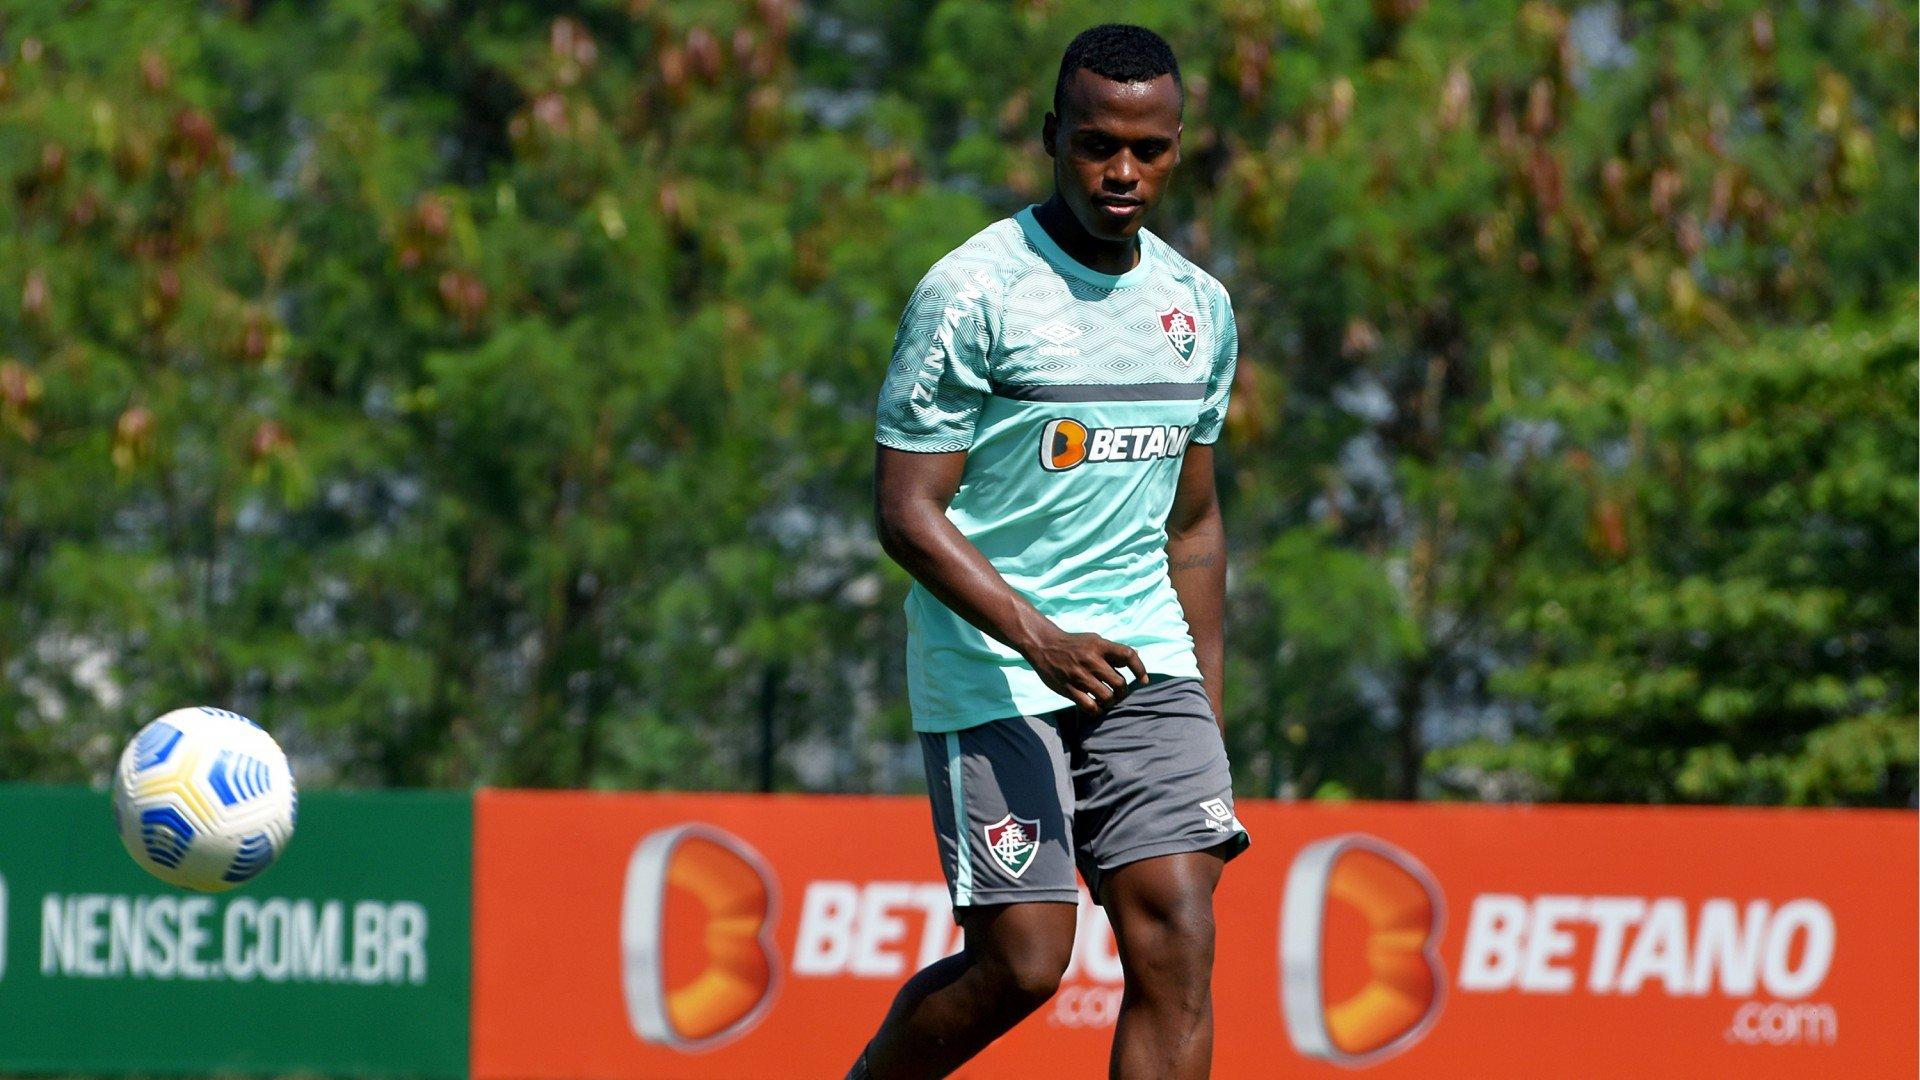 Meia-atacante do Fluminense ainda é dúvida para confronto contra São Paulo